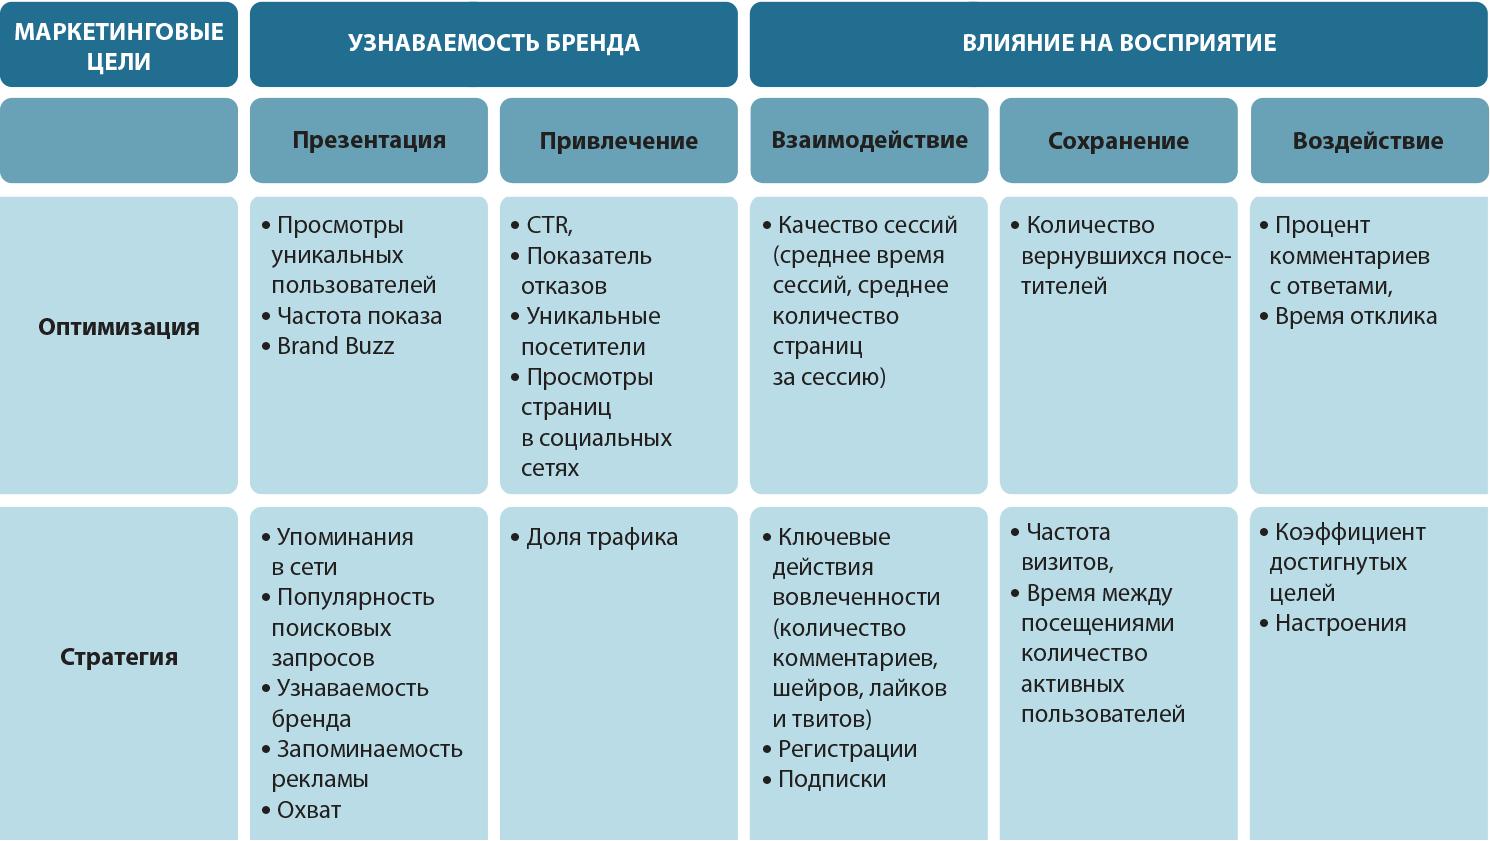 Таблица метрик построения бренда